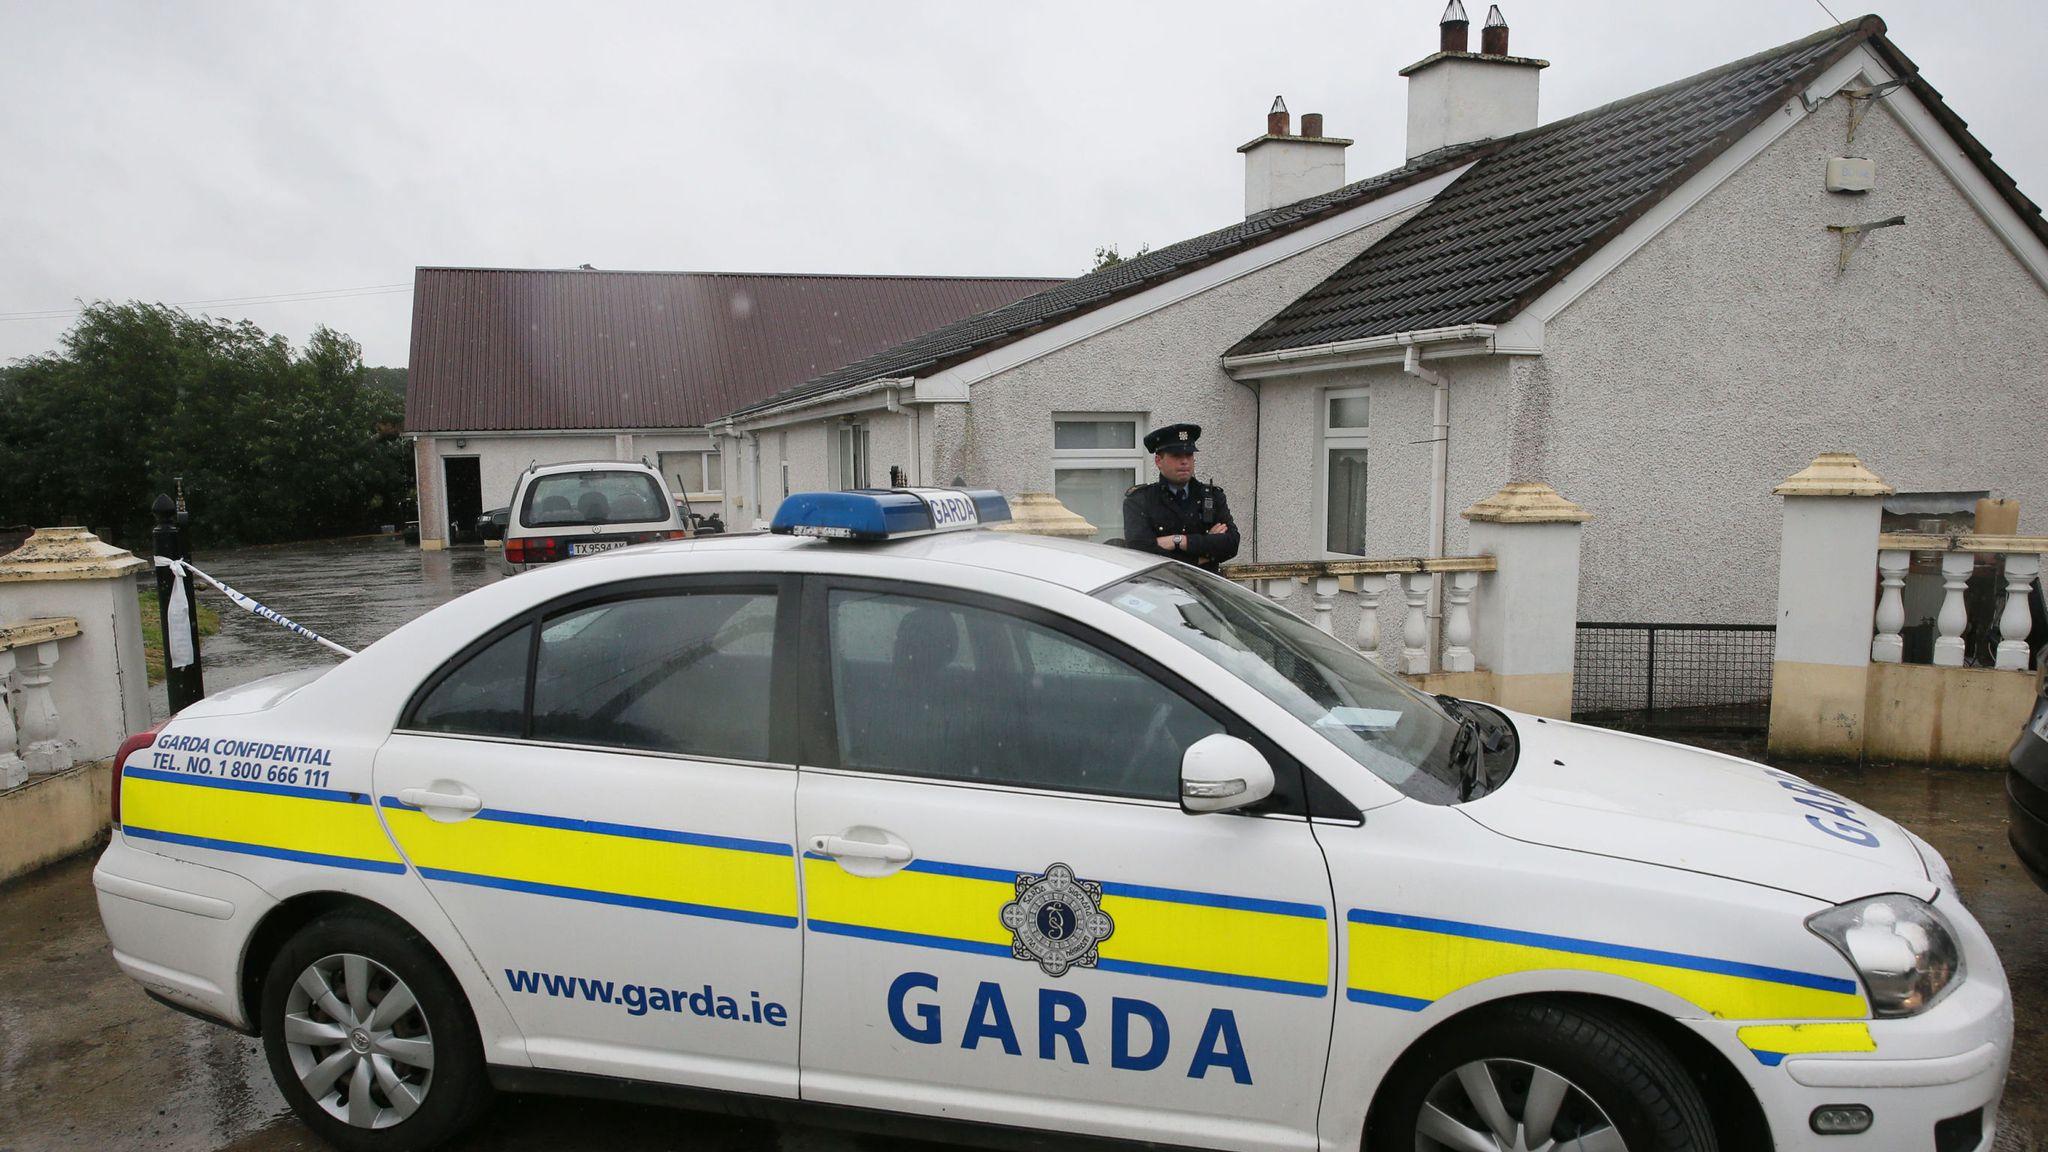 Three children found dead at house in Ireland